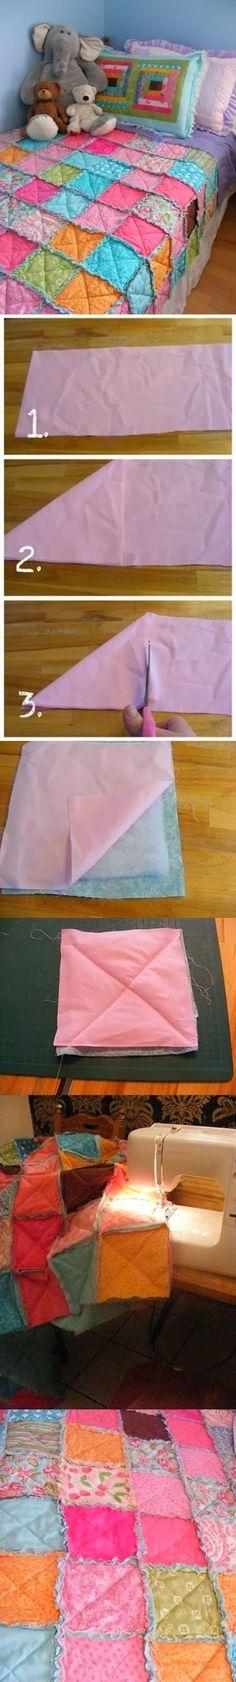 DIY Blanket Patchwork